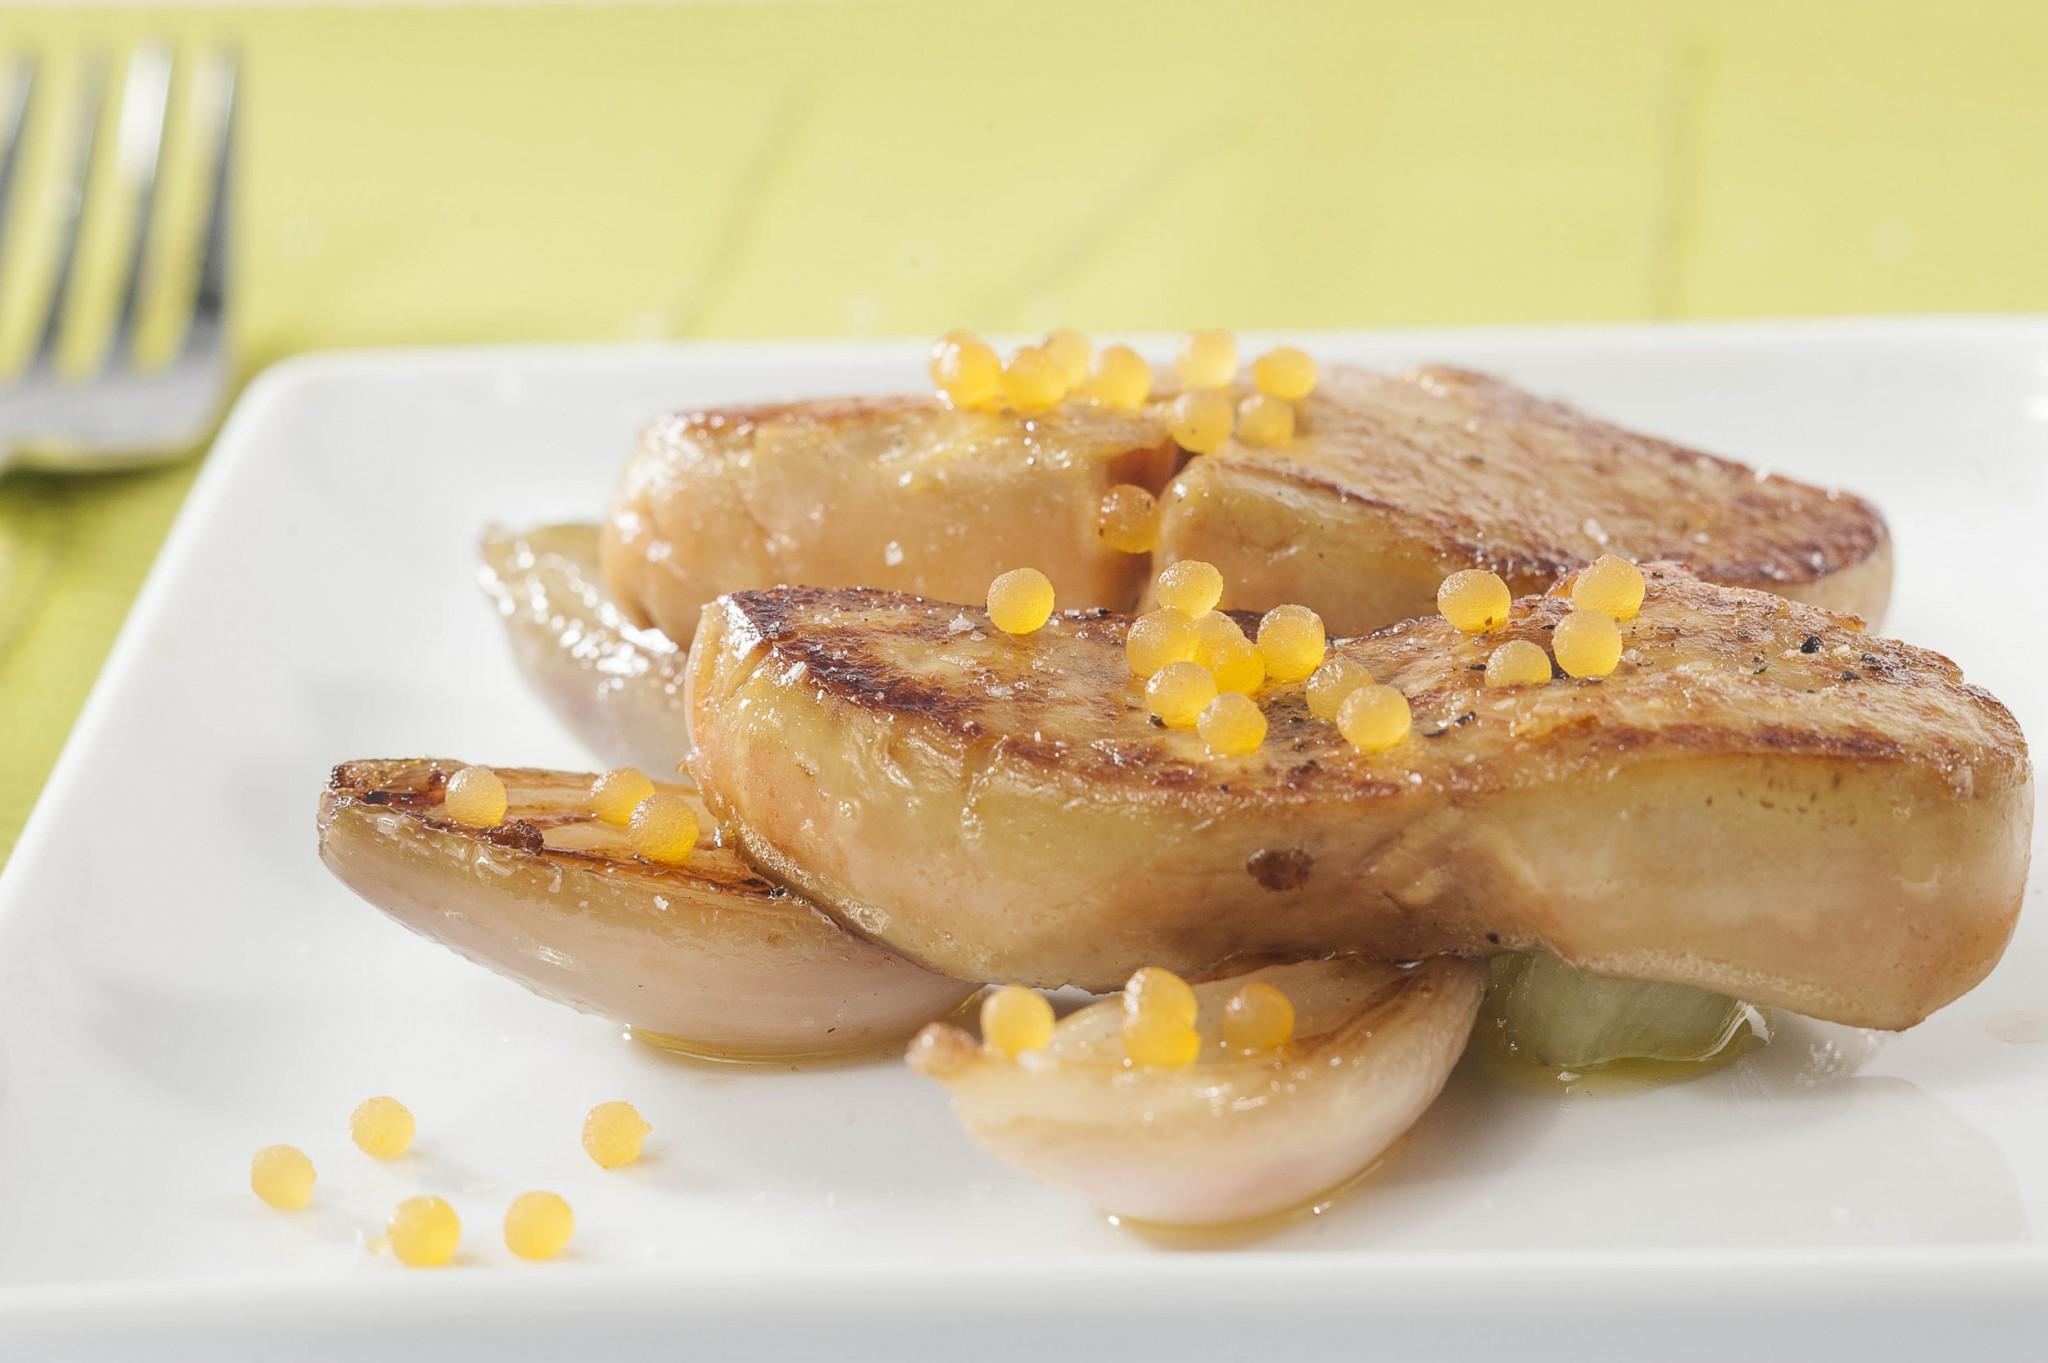 photographie culinaire, foie gras